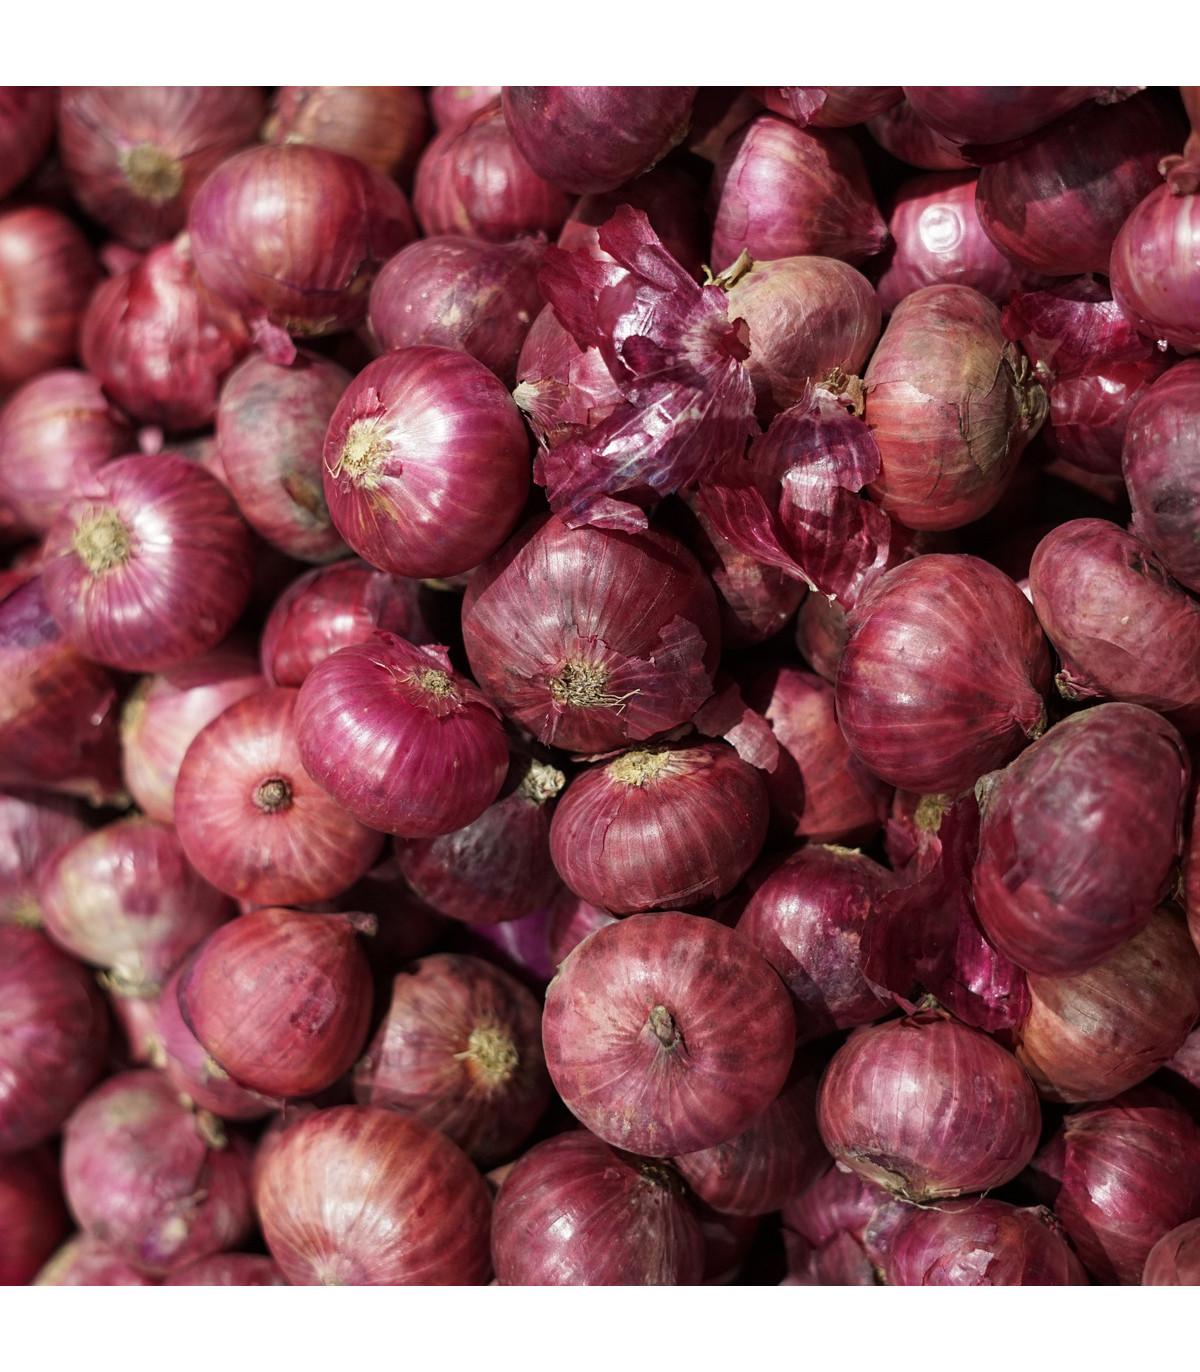 Cibule jarní kuchyňská Brunswijker - semena Cibule - 0,5 g